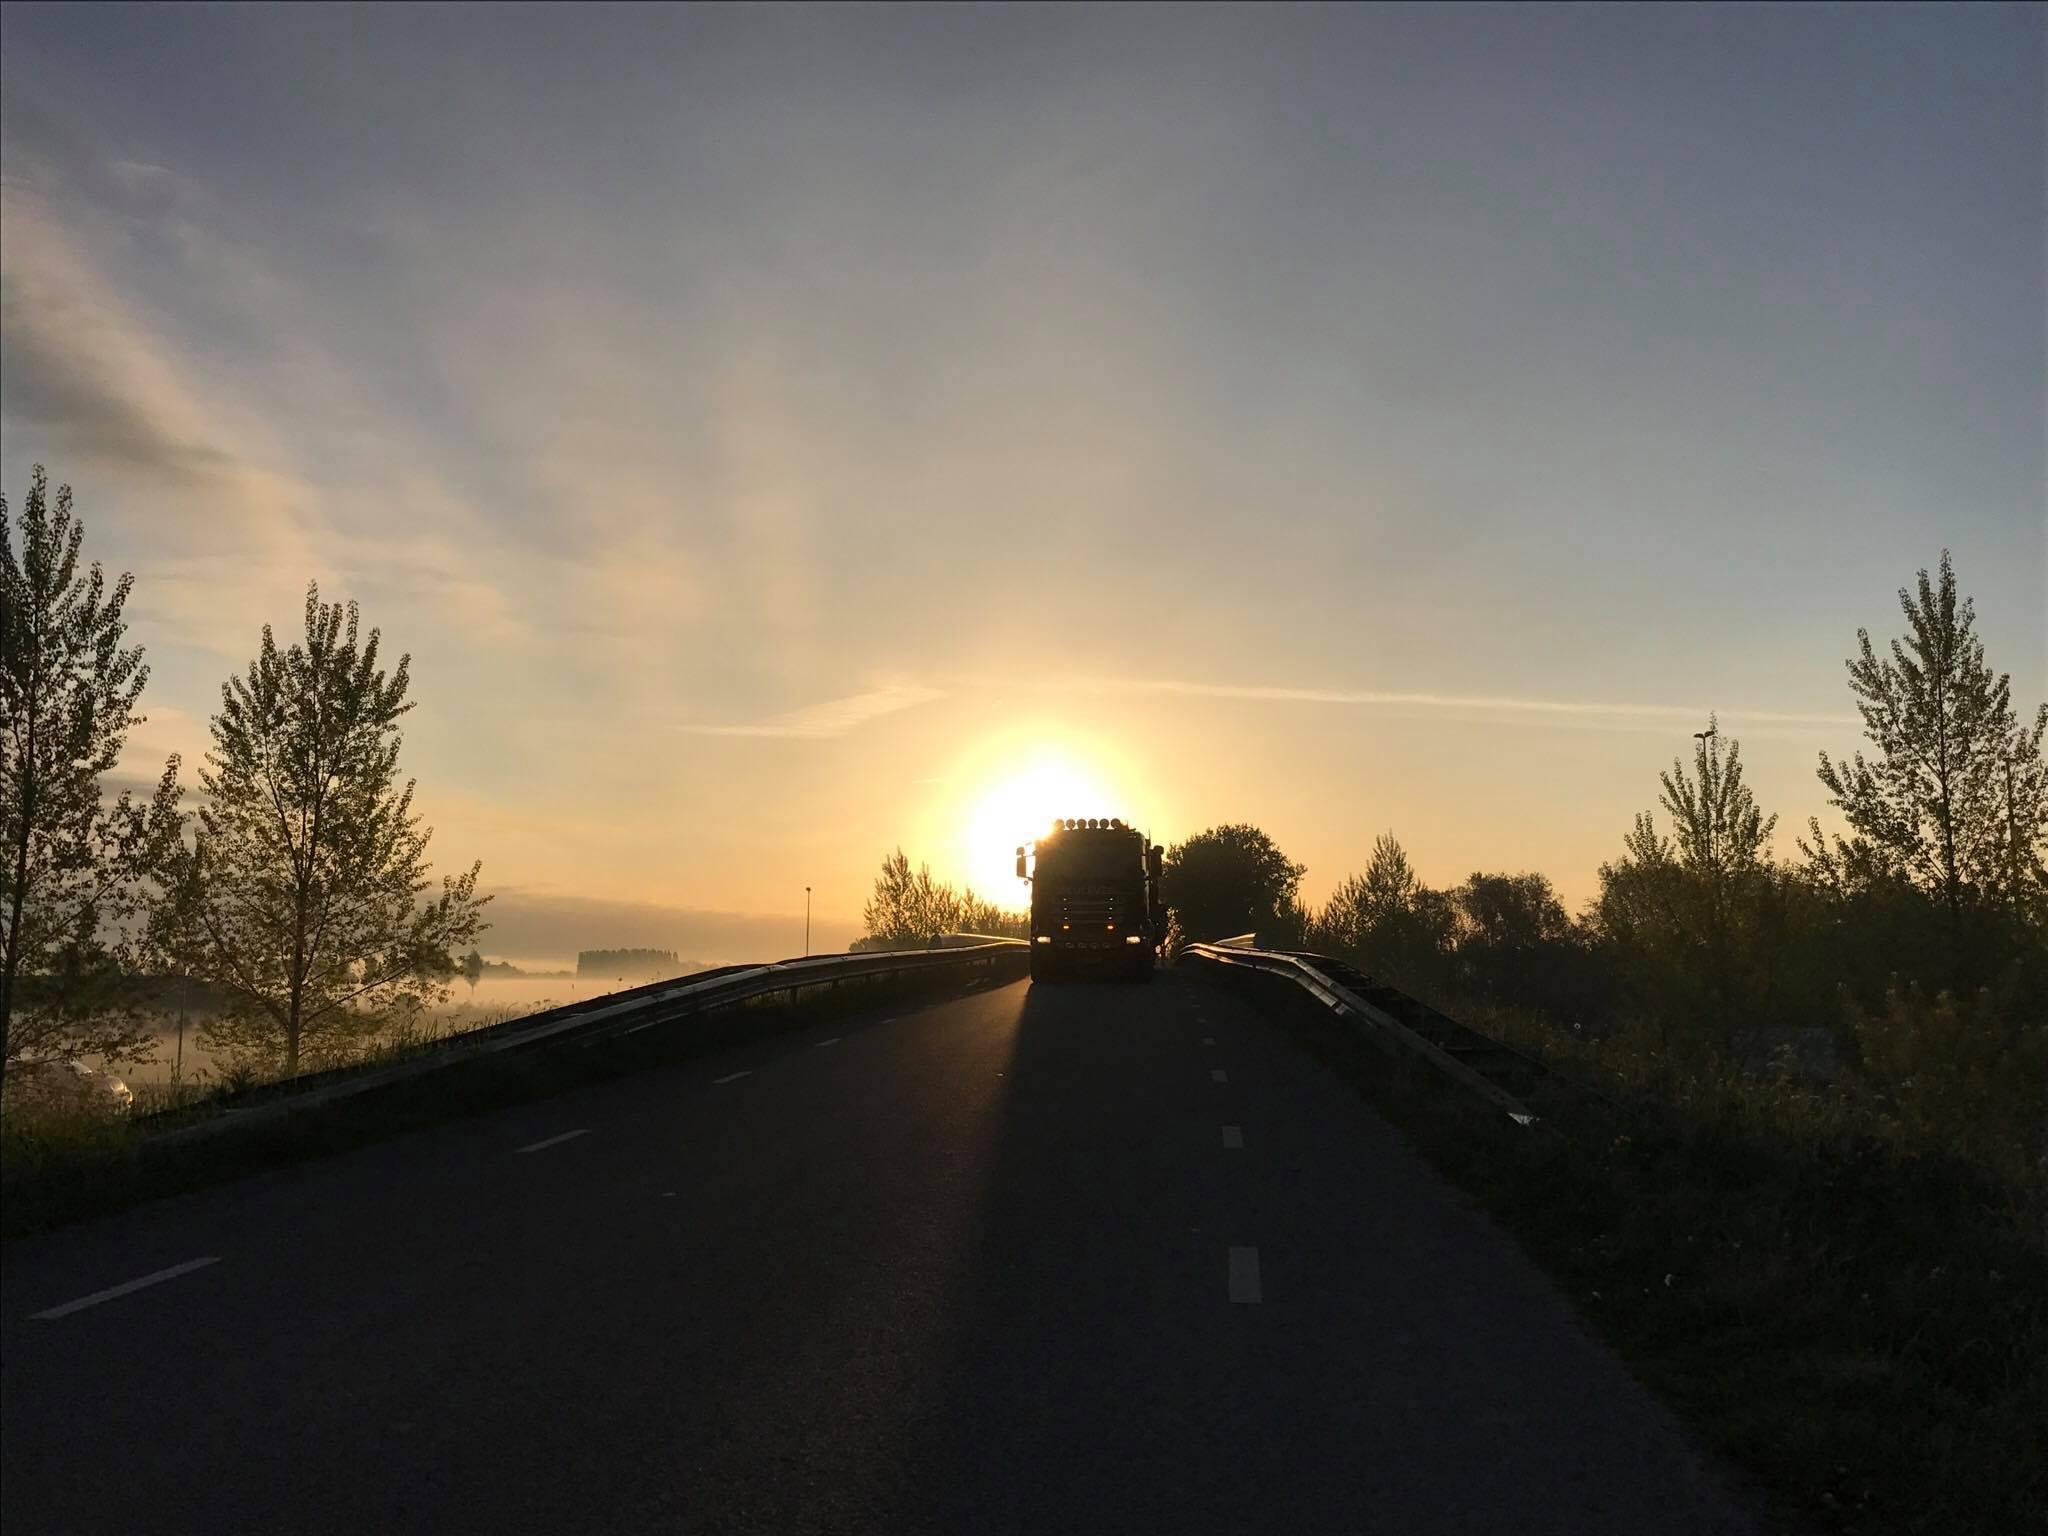 Nederland voor dag en dauw